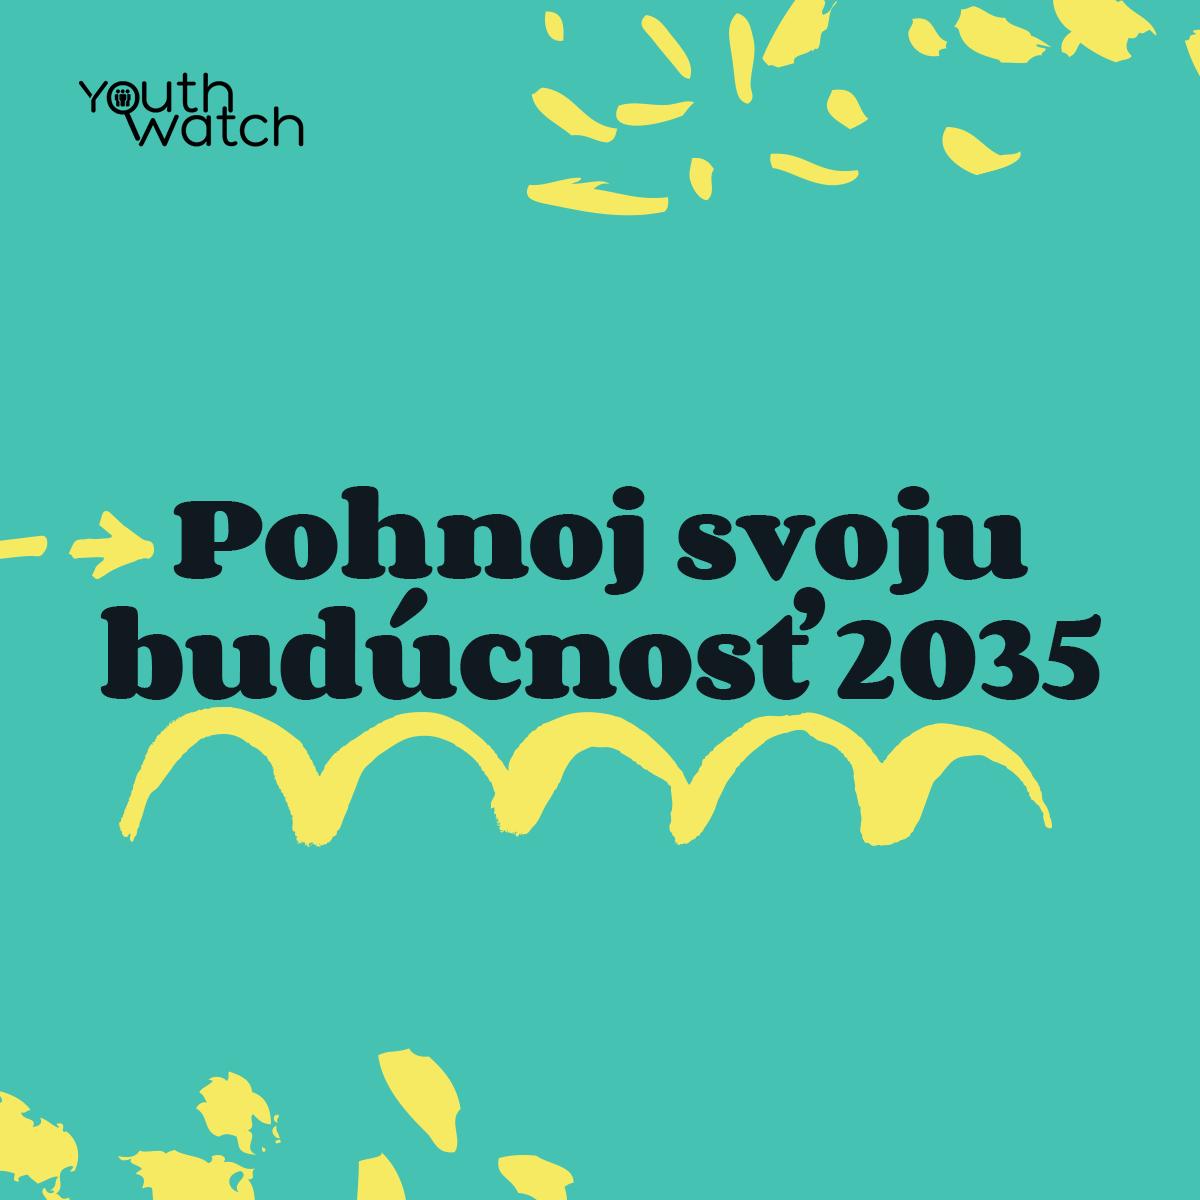 Pohnoj svoju budúcnosť 2035